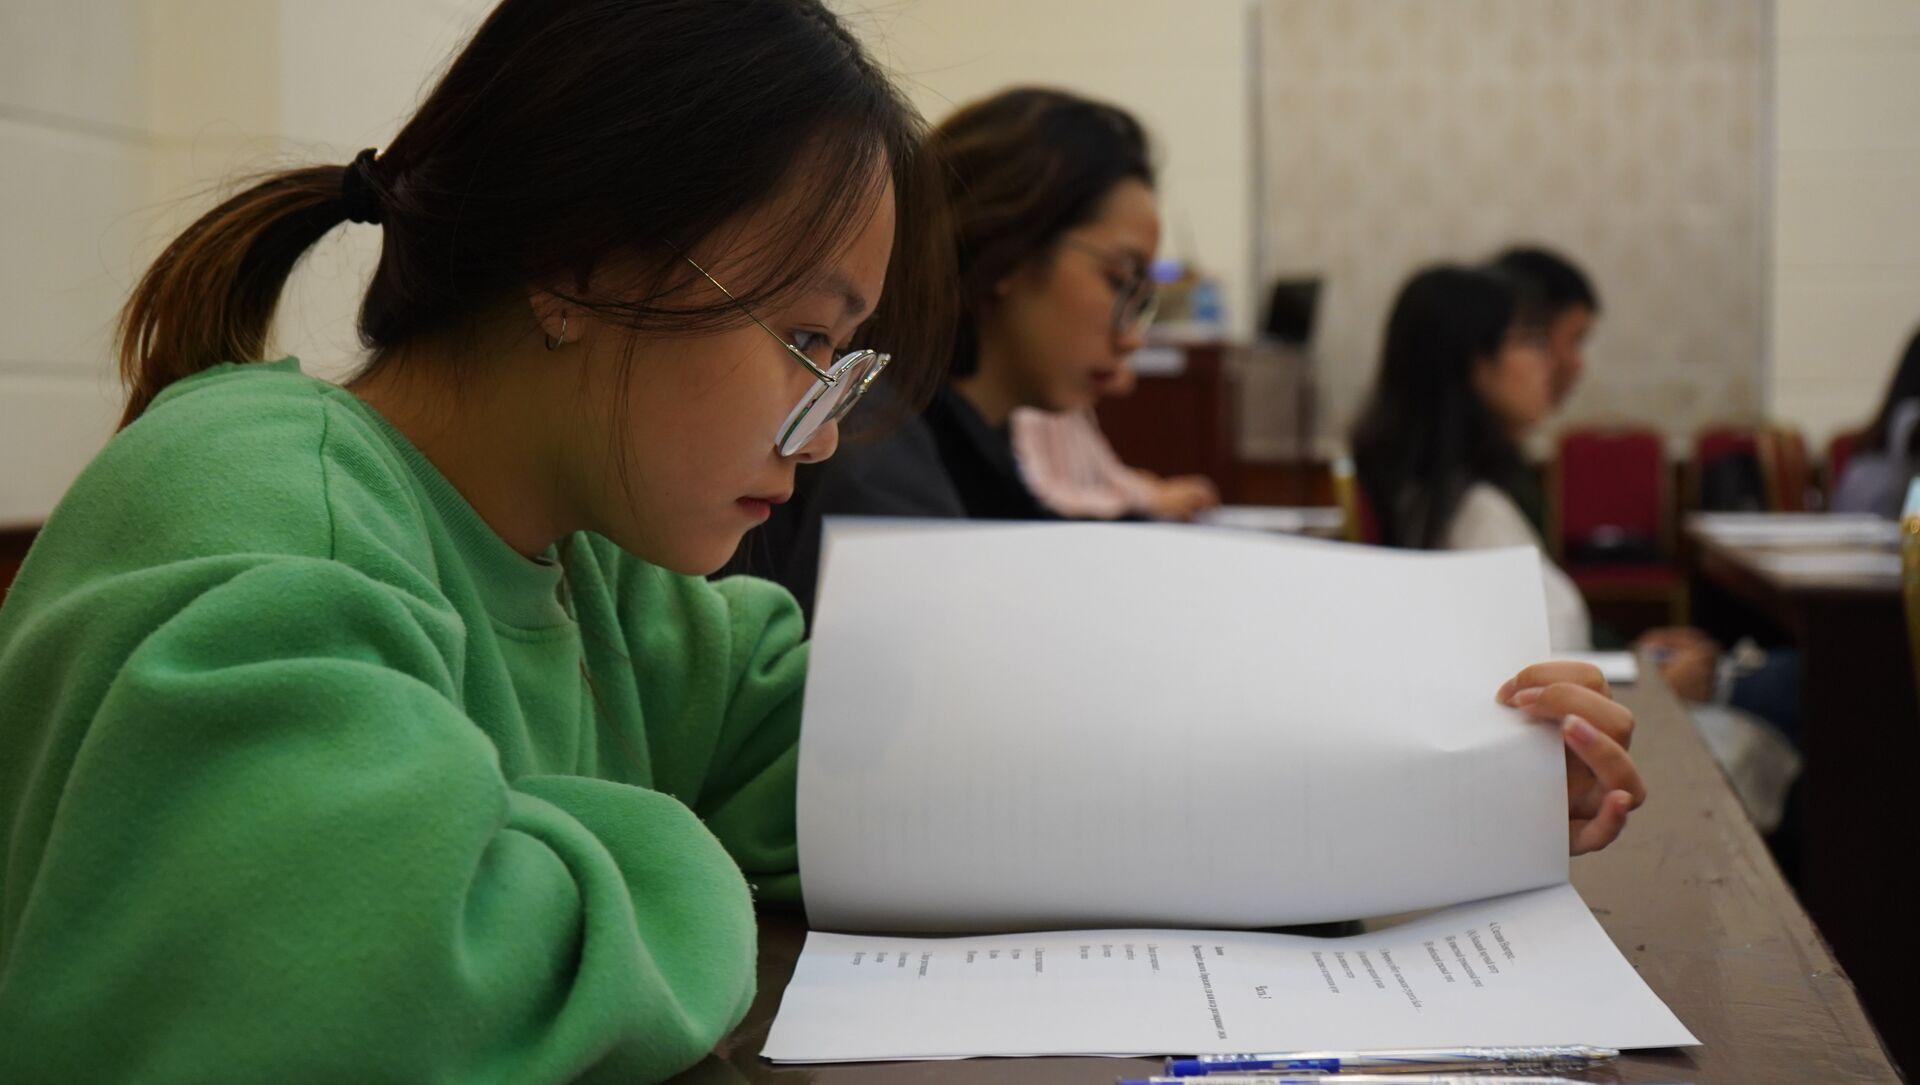 sinh viên chuẩn bị tham dự kỳ thi  - Sputnik Việt Nam, 1920, 28.06.2021